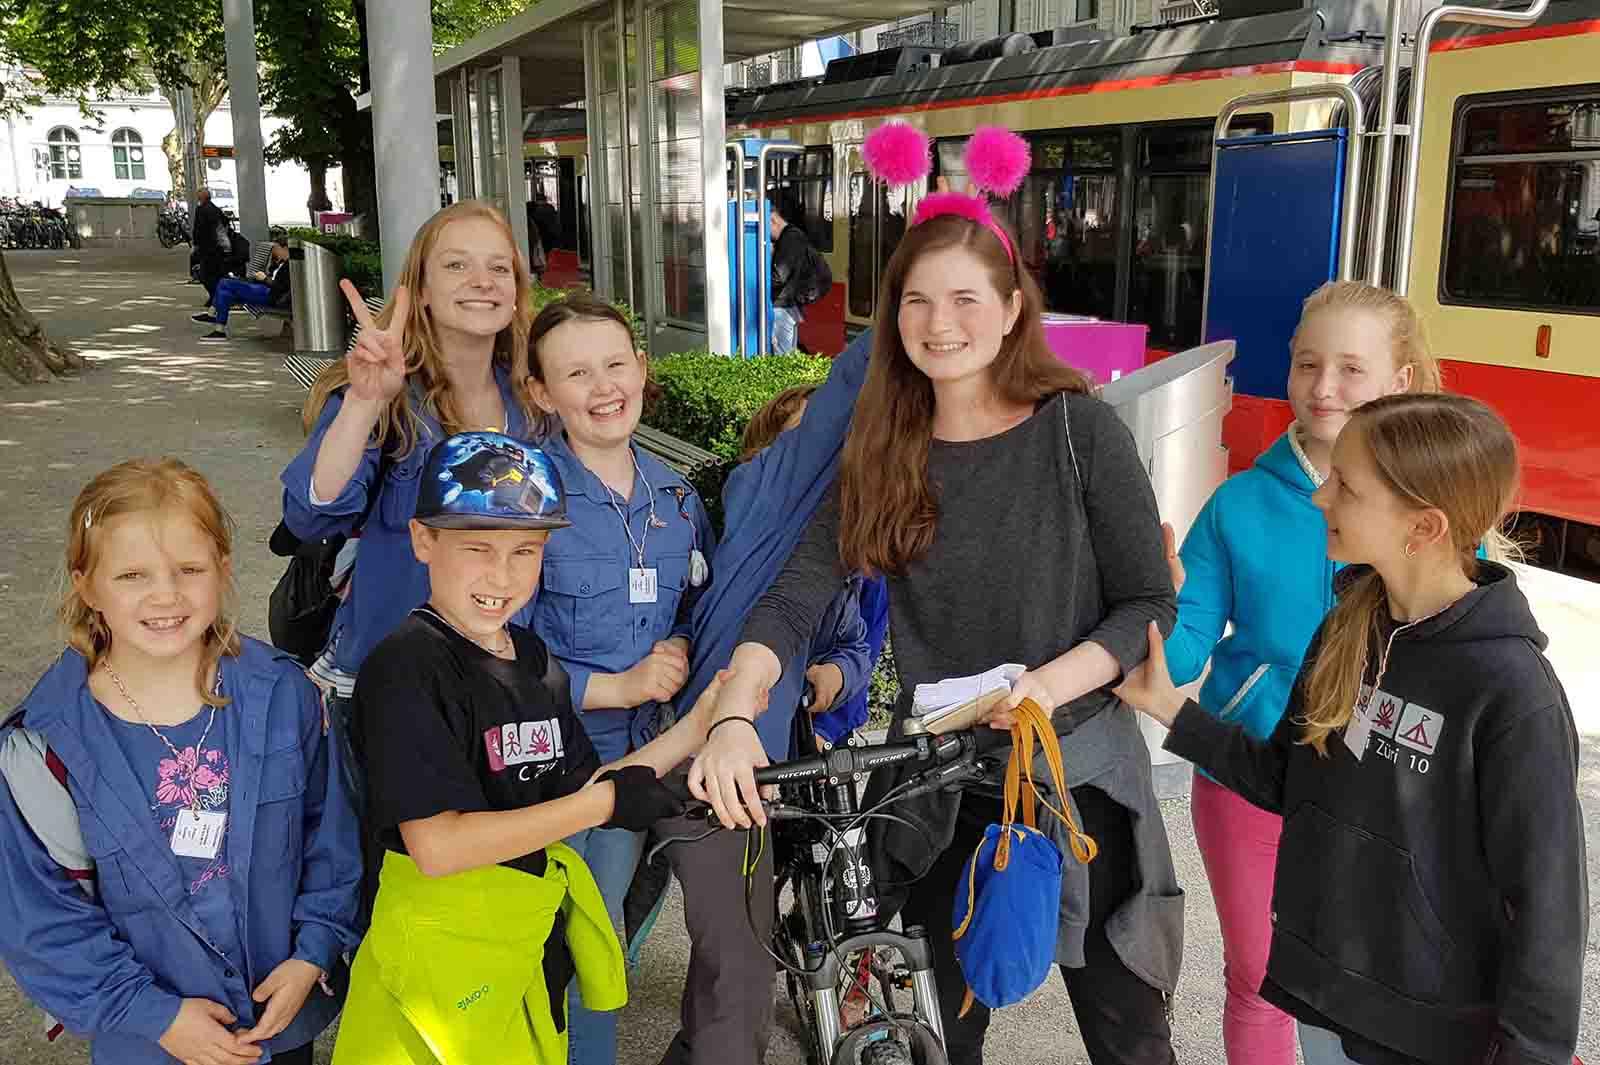 Diese Cevi Gruppe musste am Bahnhof Stadelhofen eine Person mit einem bestimmten Merkmal finden.